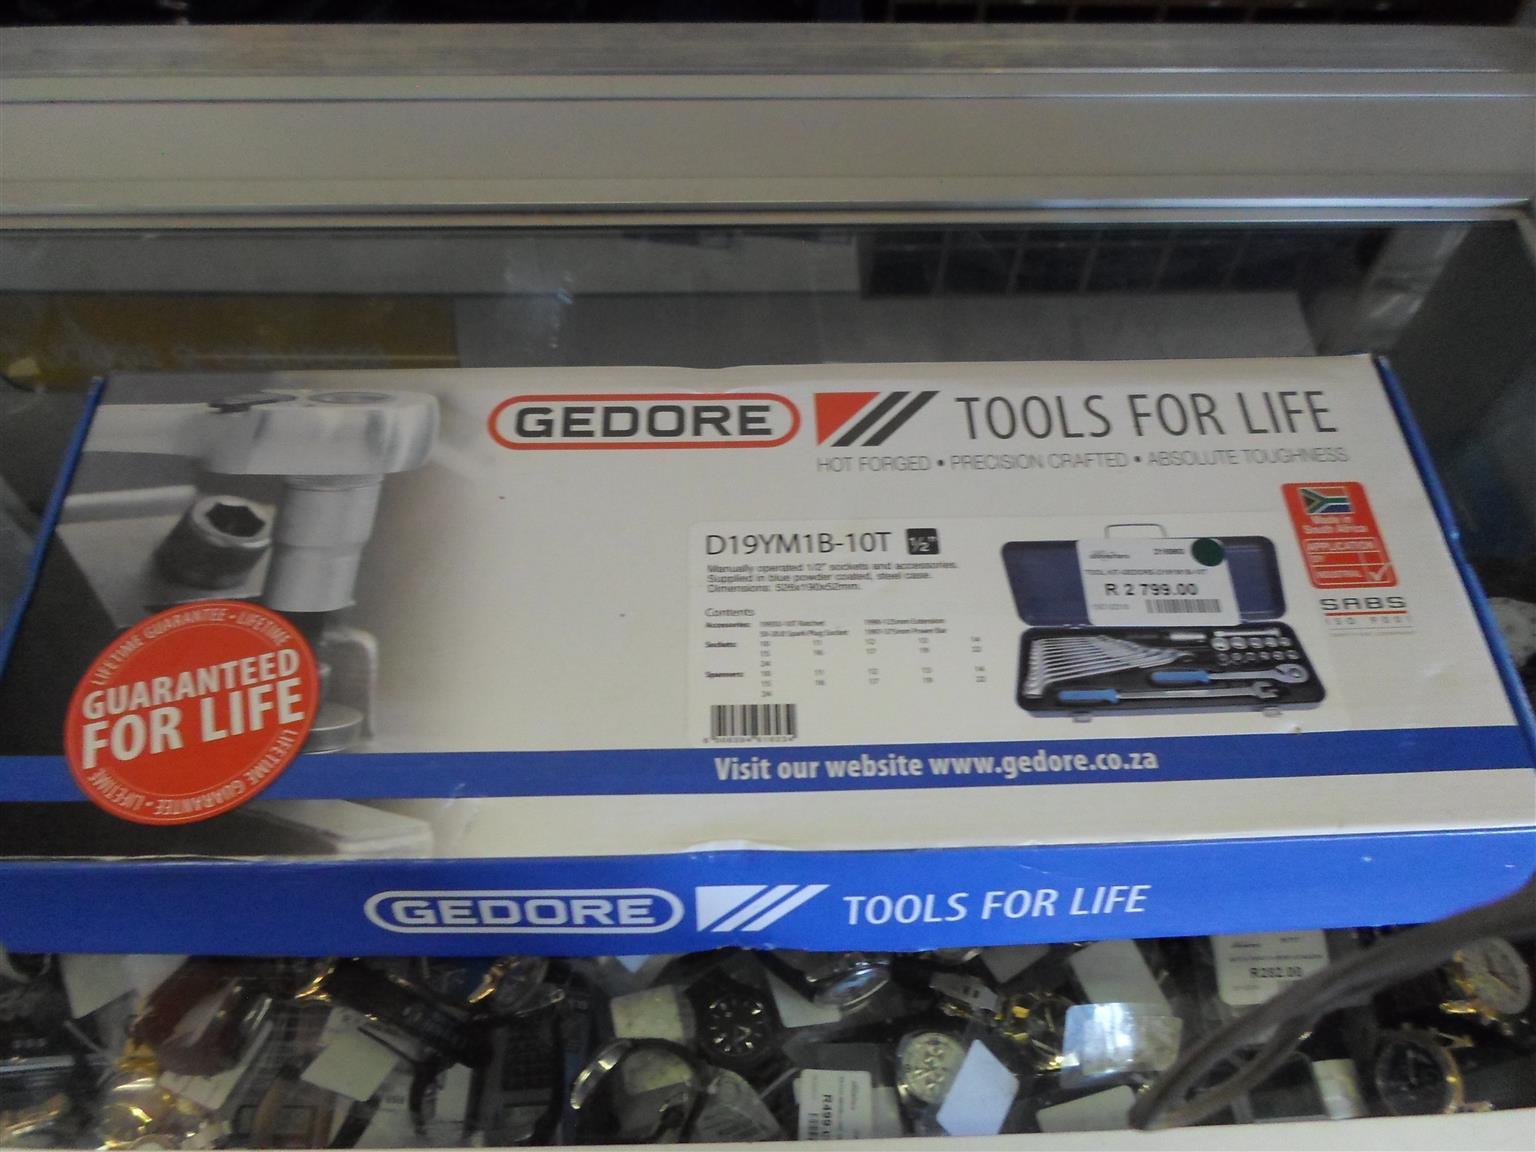 Brand new Gedore Tool Set